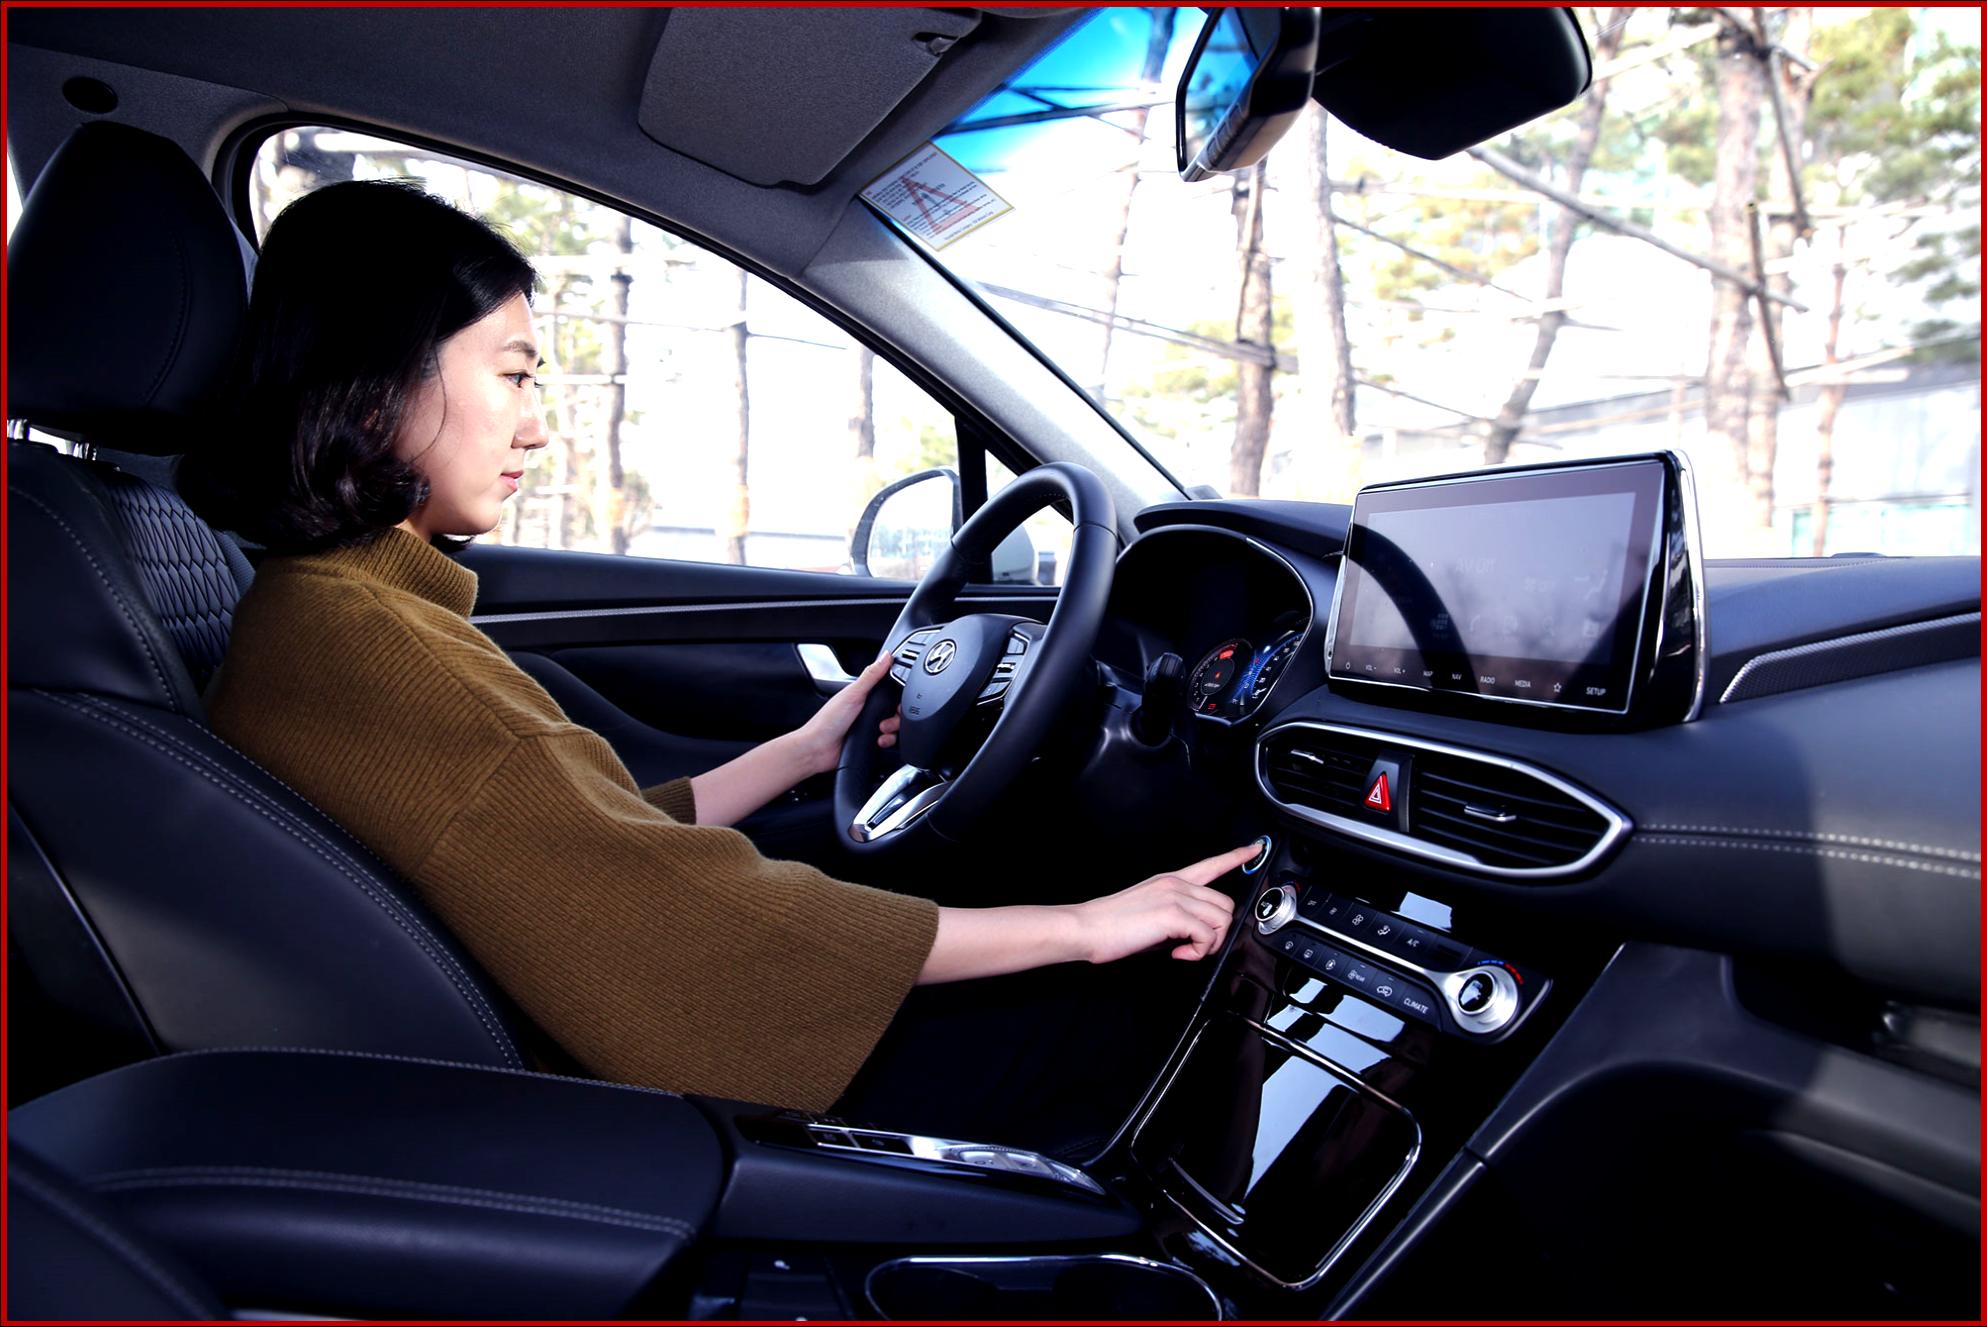 AutoInofrmed.com on Smart Fingerprint Car Starting